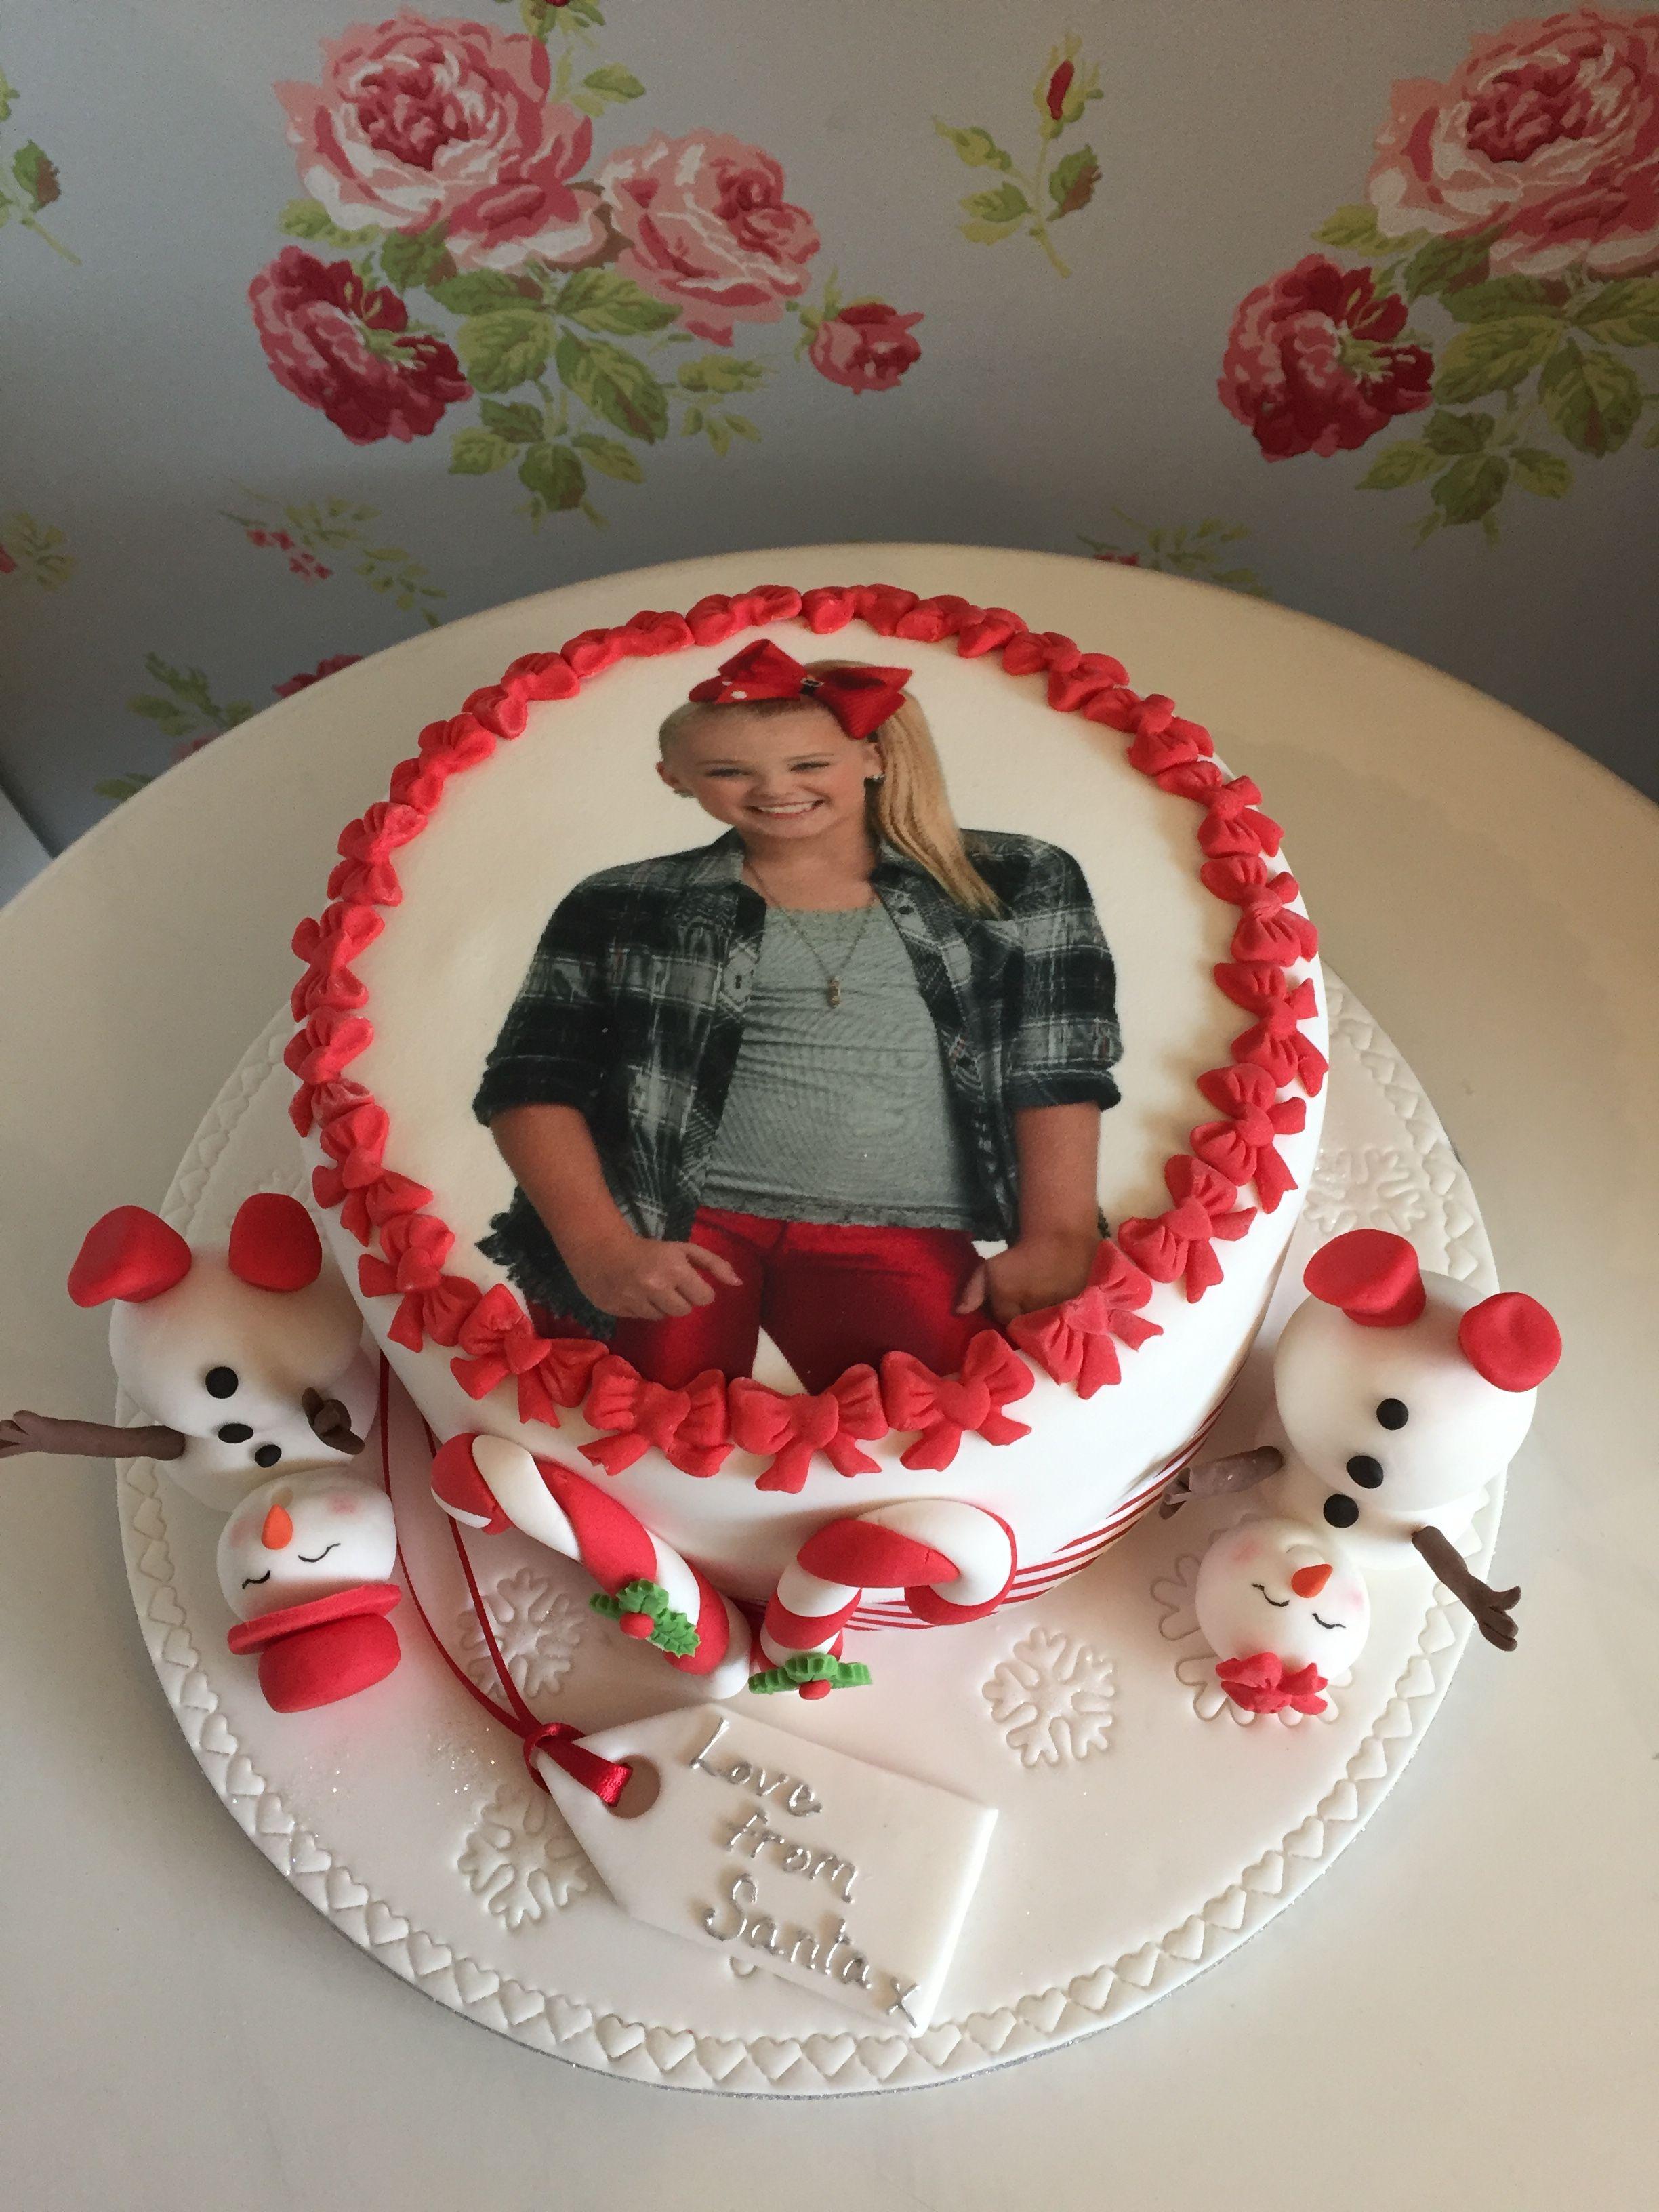 Jo jo swia cake cake birthday cake desserts